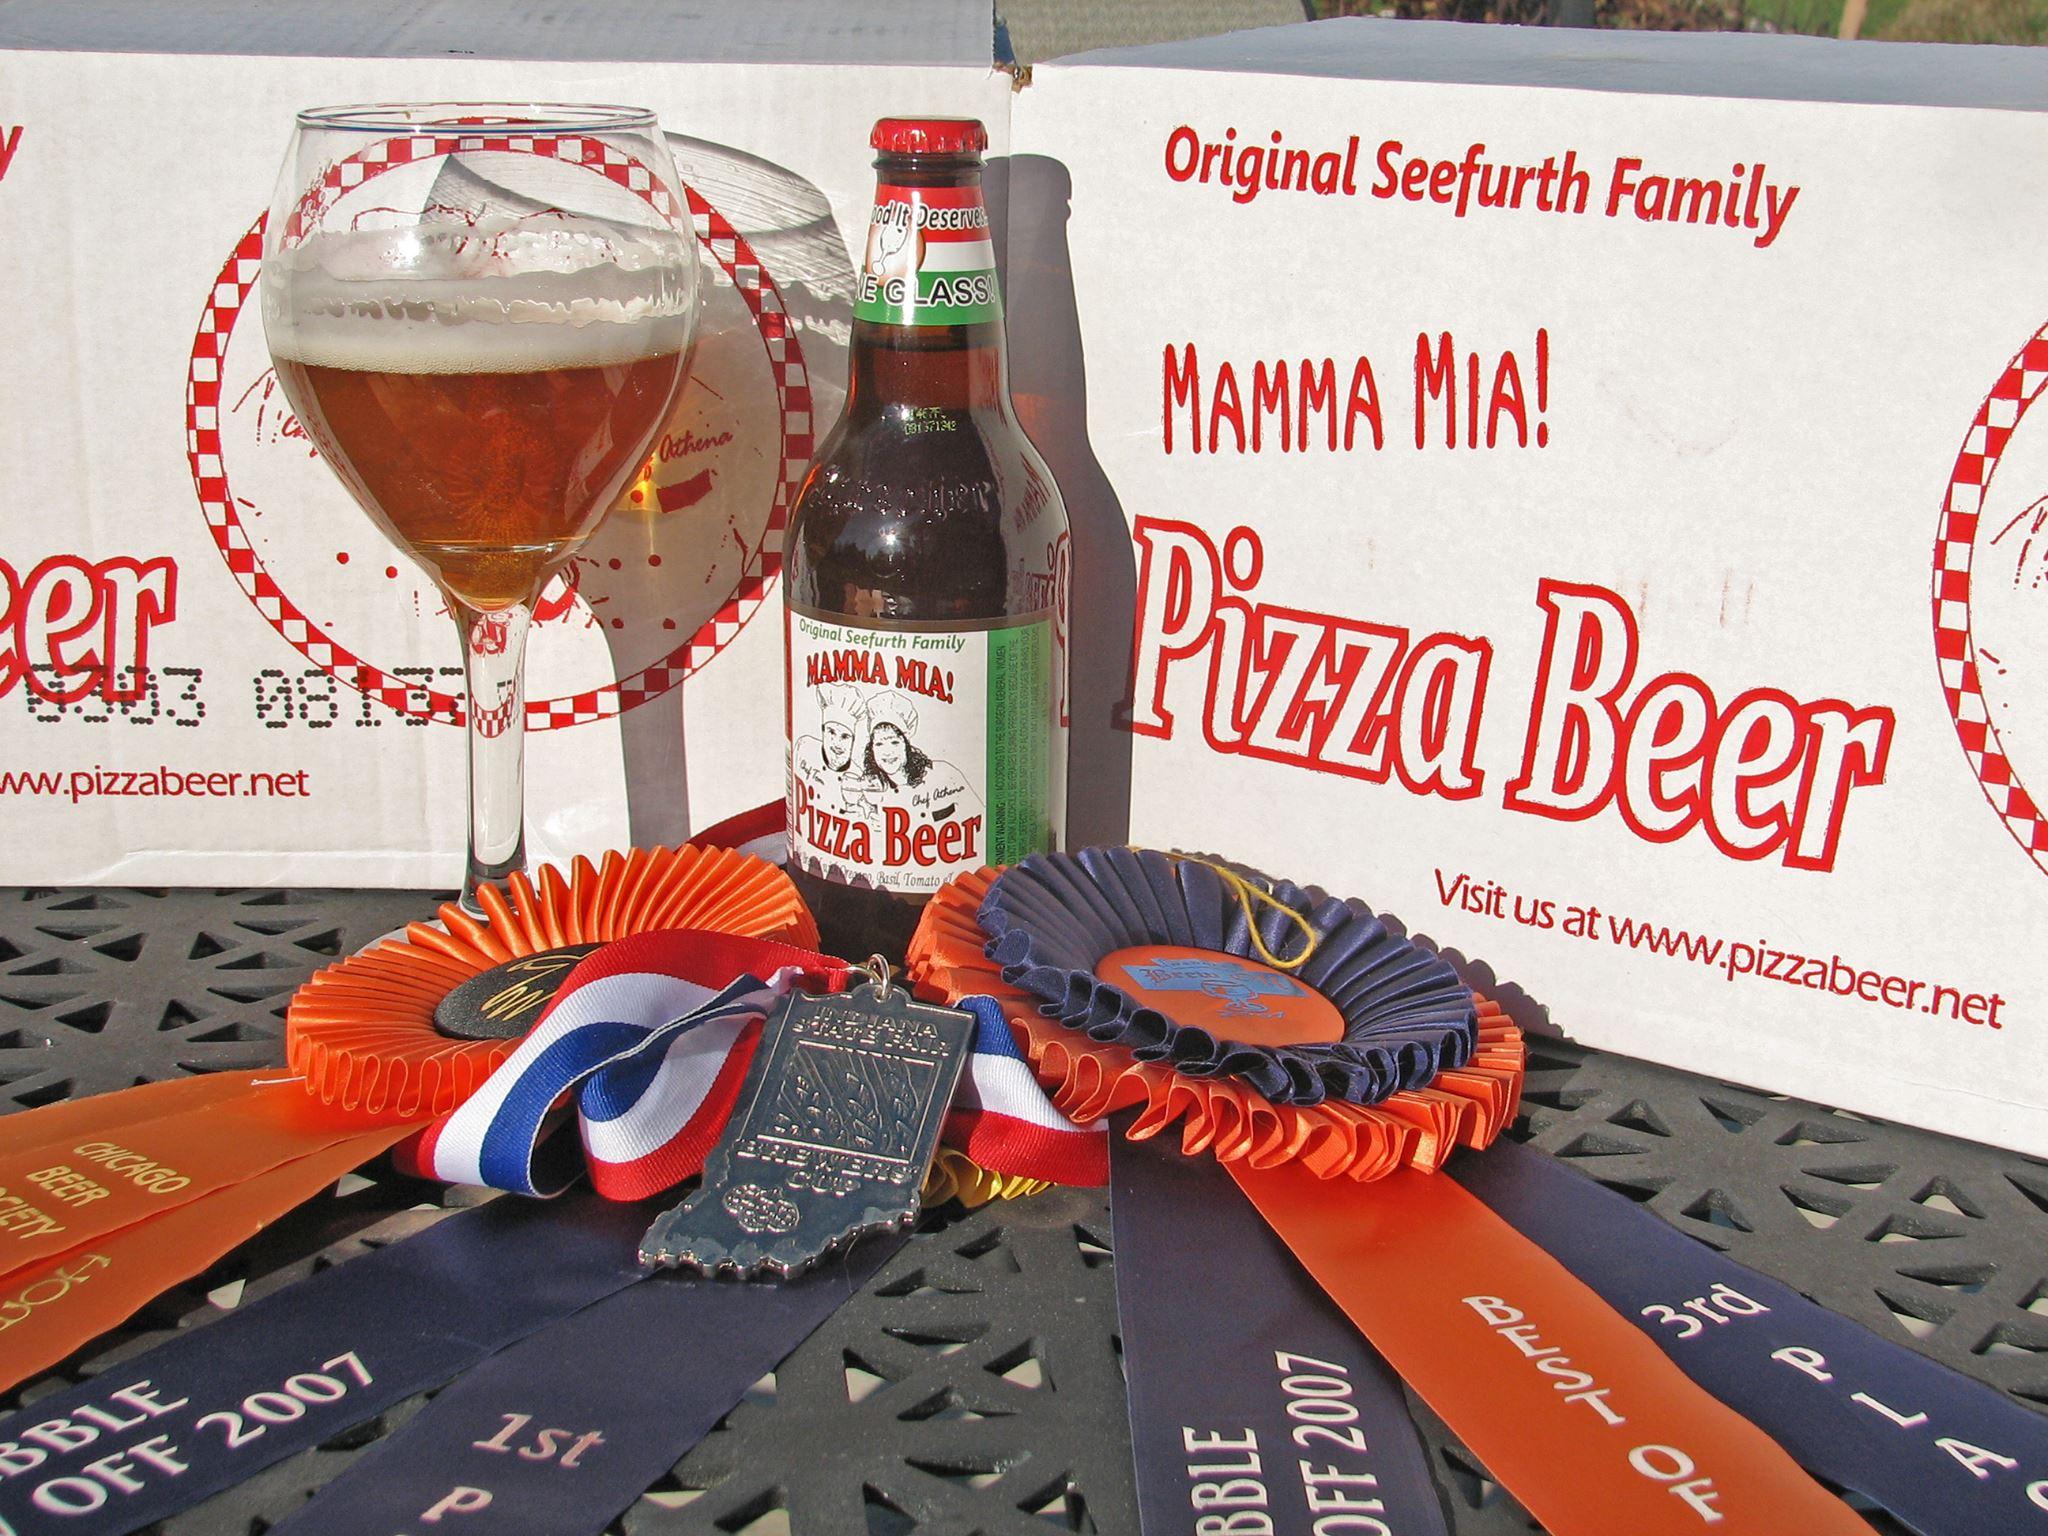 A pizza sör 2006-ban született, amikor a konyhakertben szüretelt fűszernövények és zöldségek megihlették egy házi sörfőzde tulajdonosait.